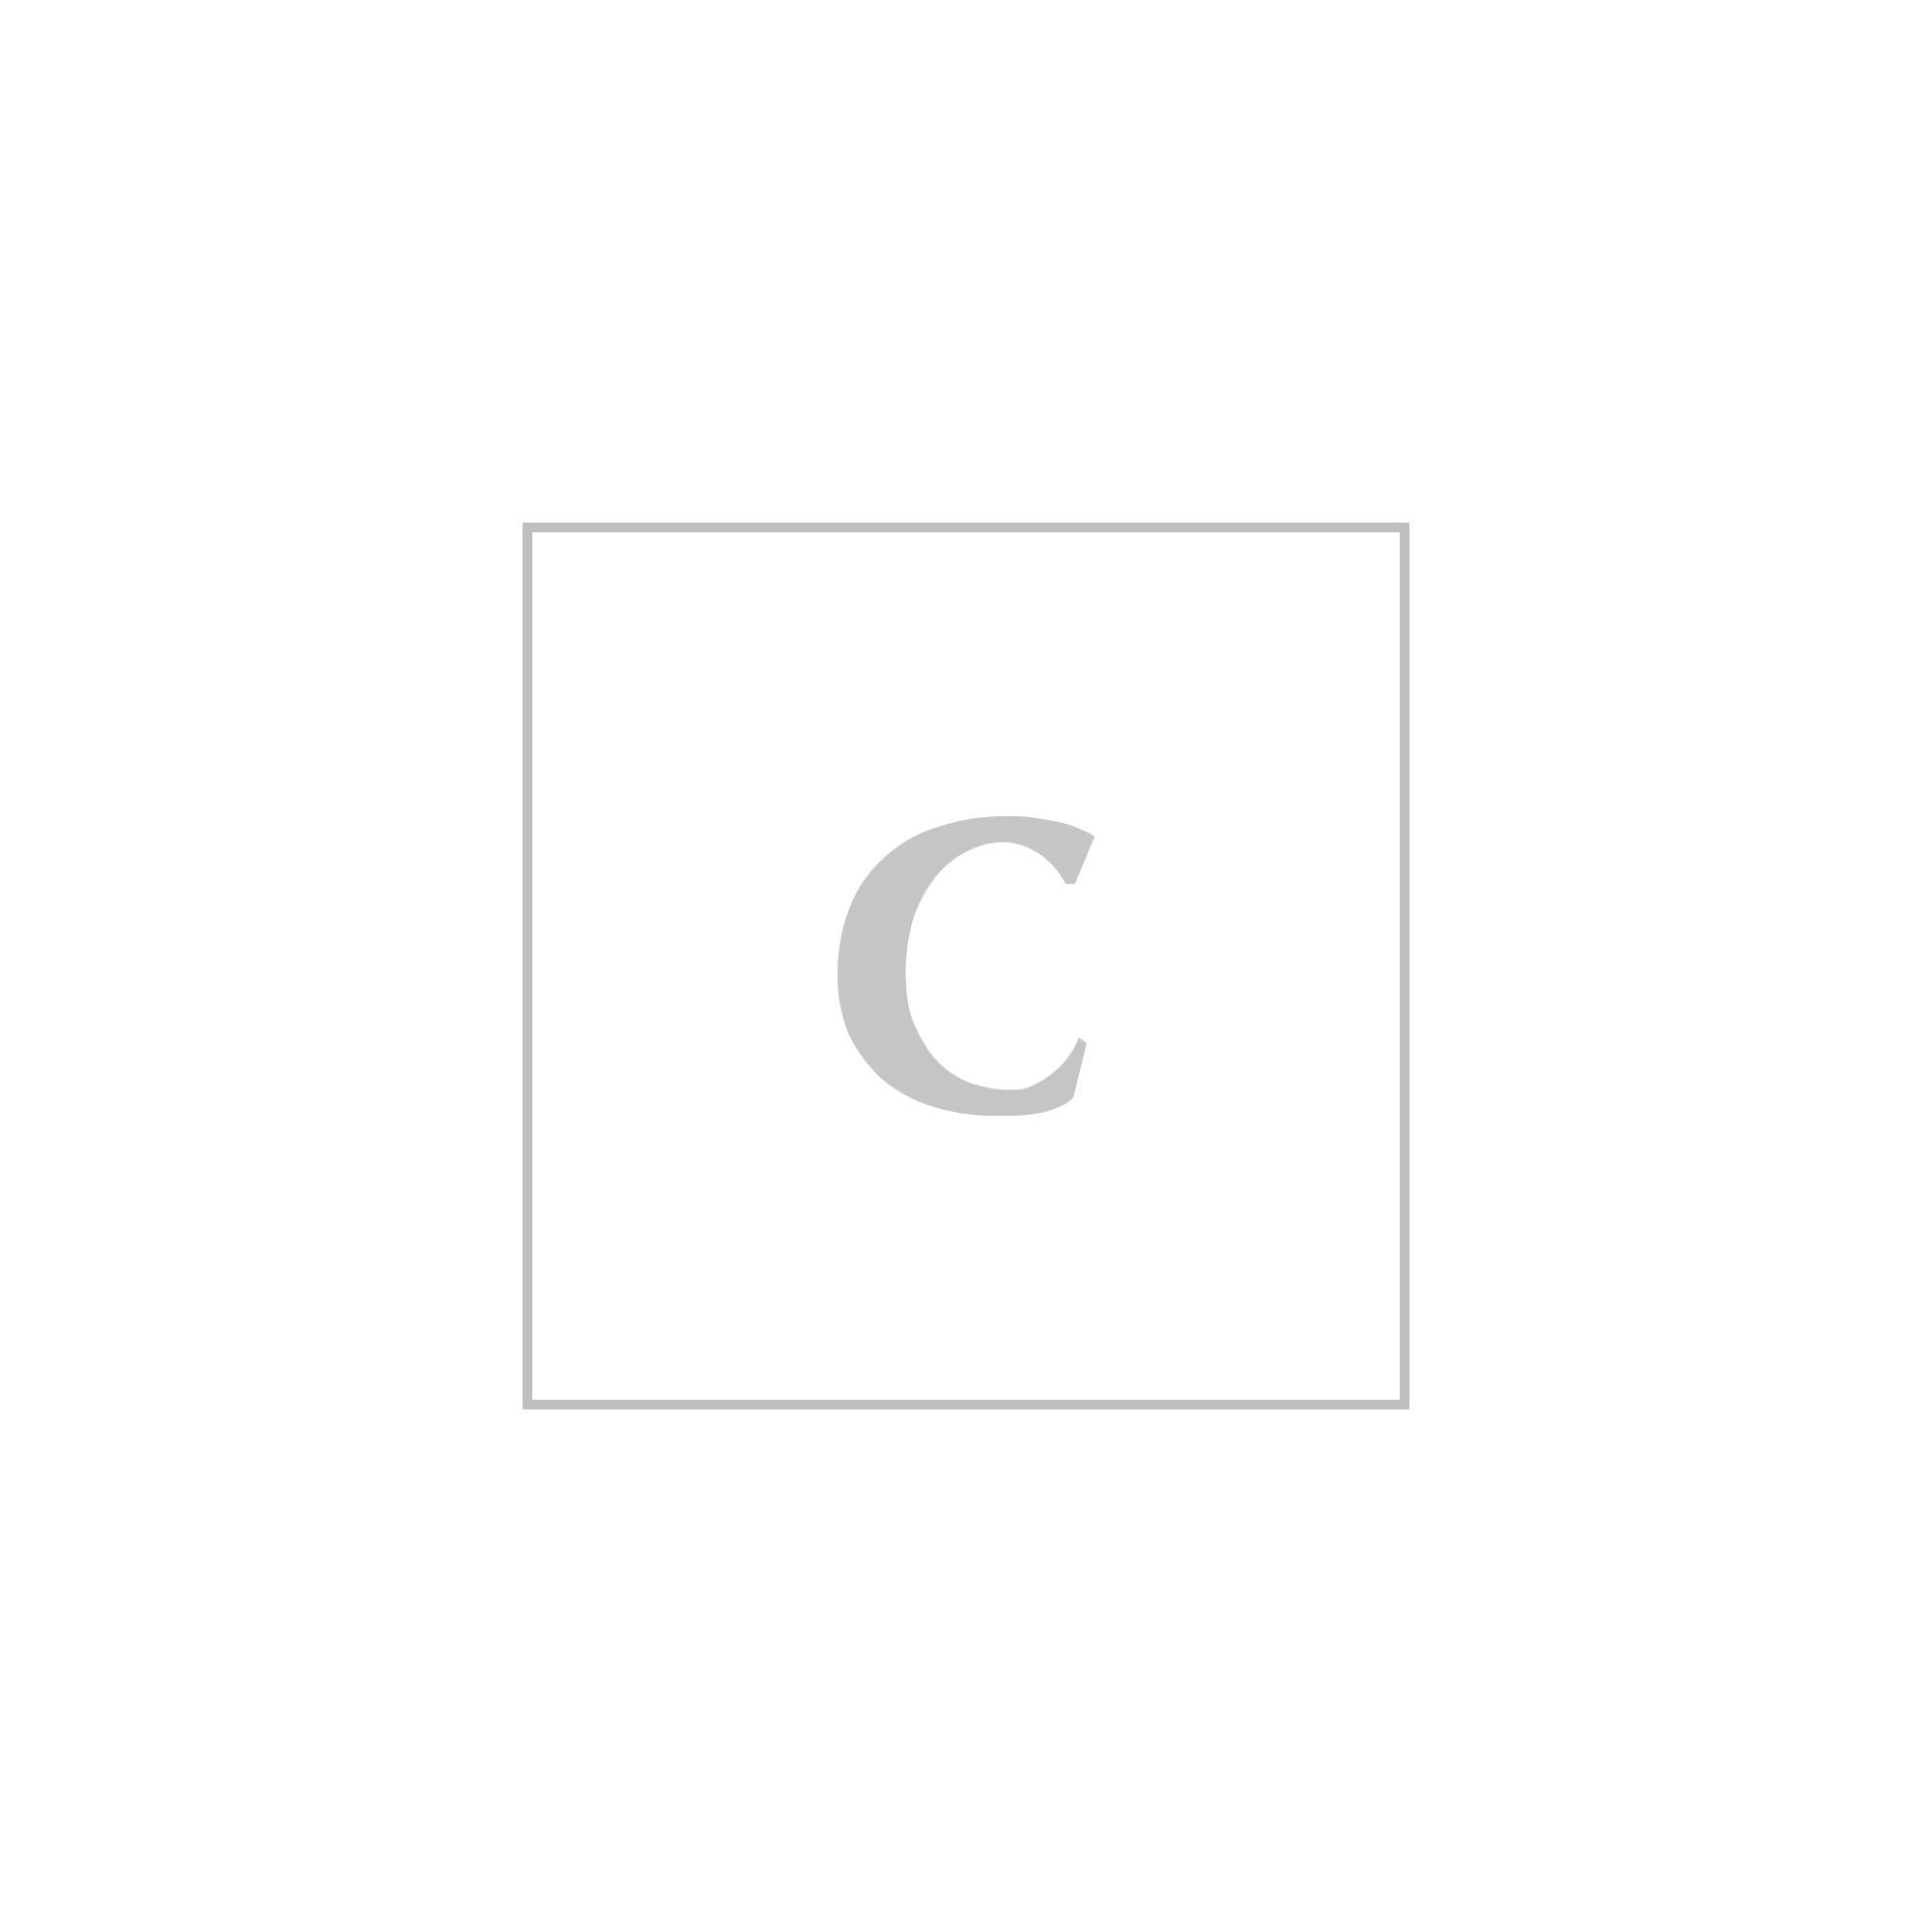 Balenciaga borsa mignon arena fettuccia cerata